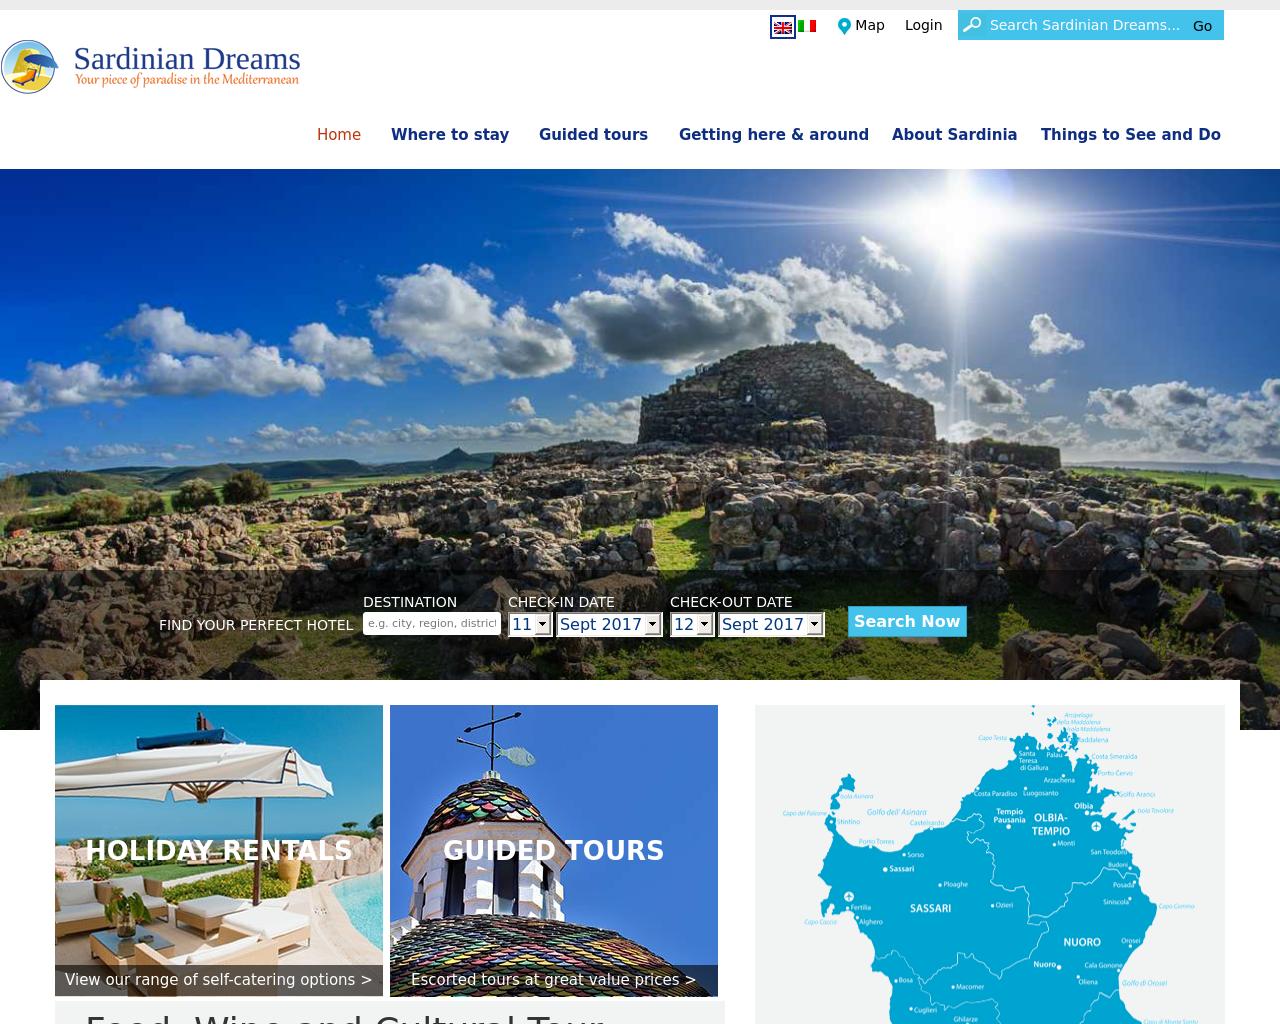 Sardinian-Dreams-Advertising-Reviews-Pricing